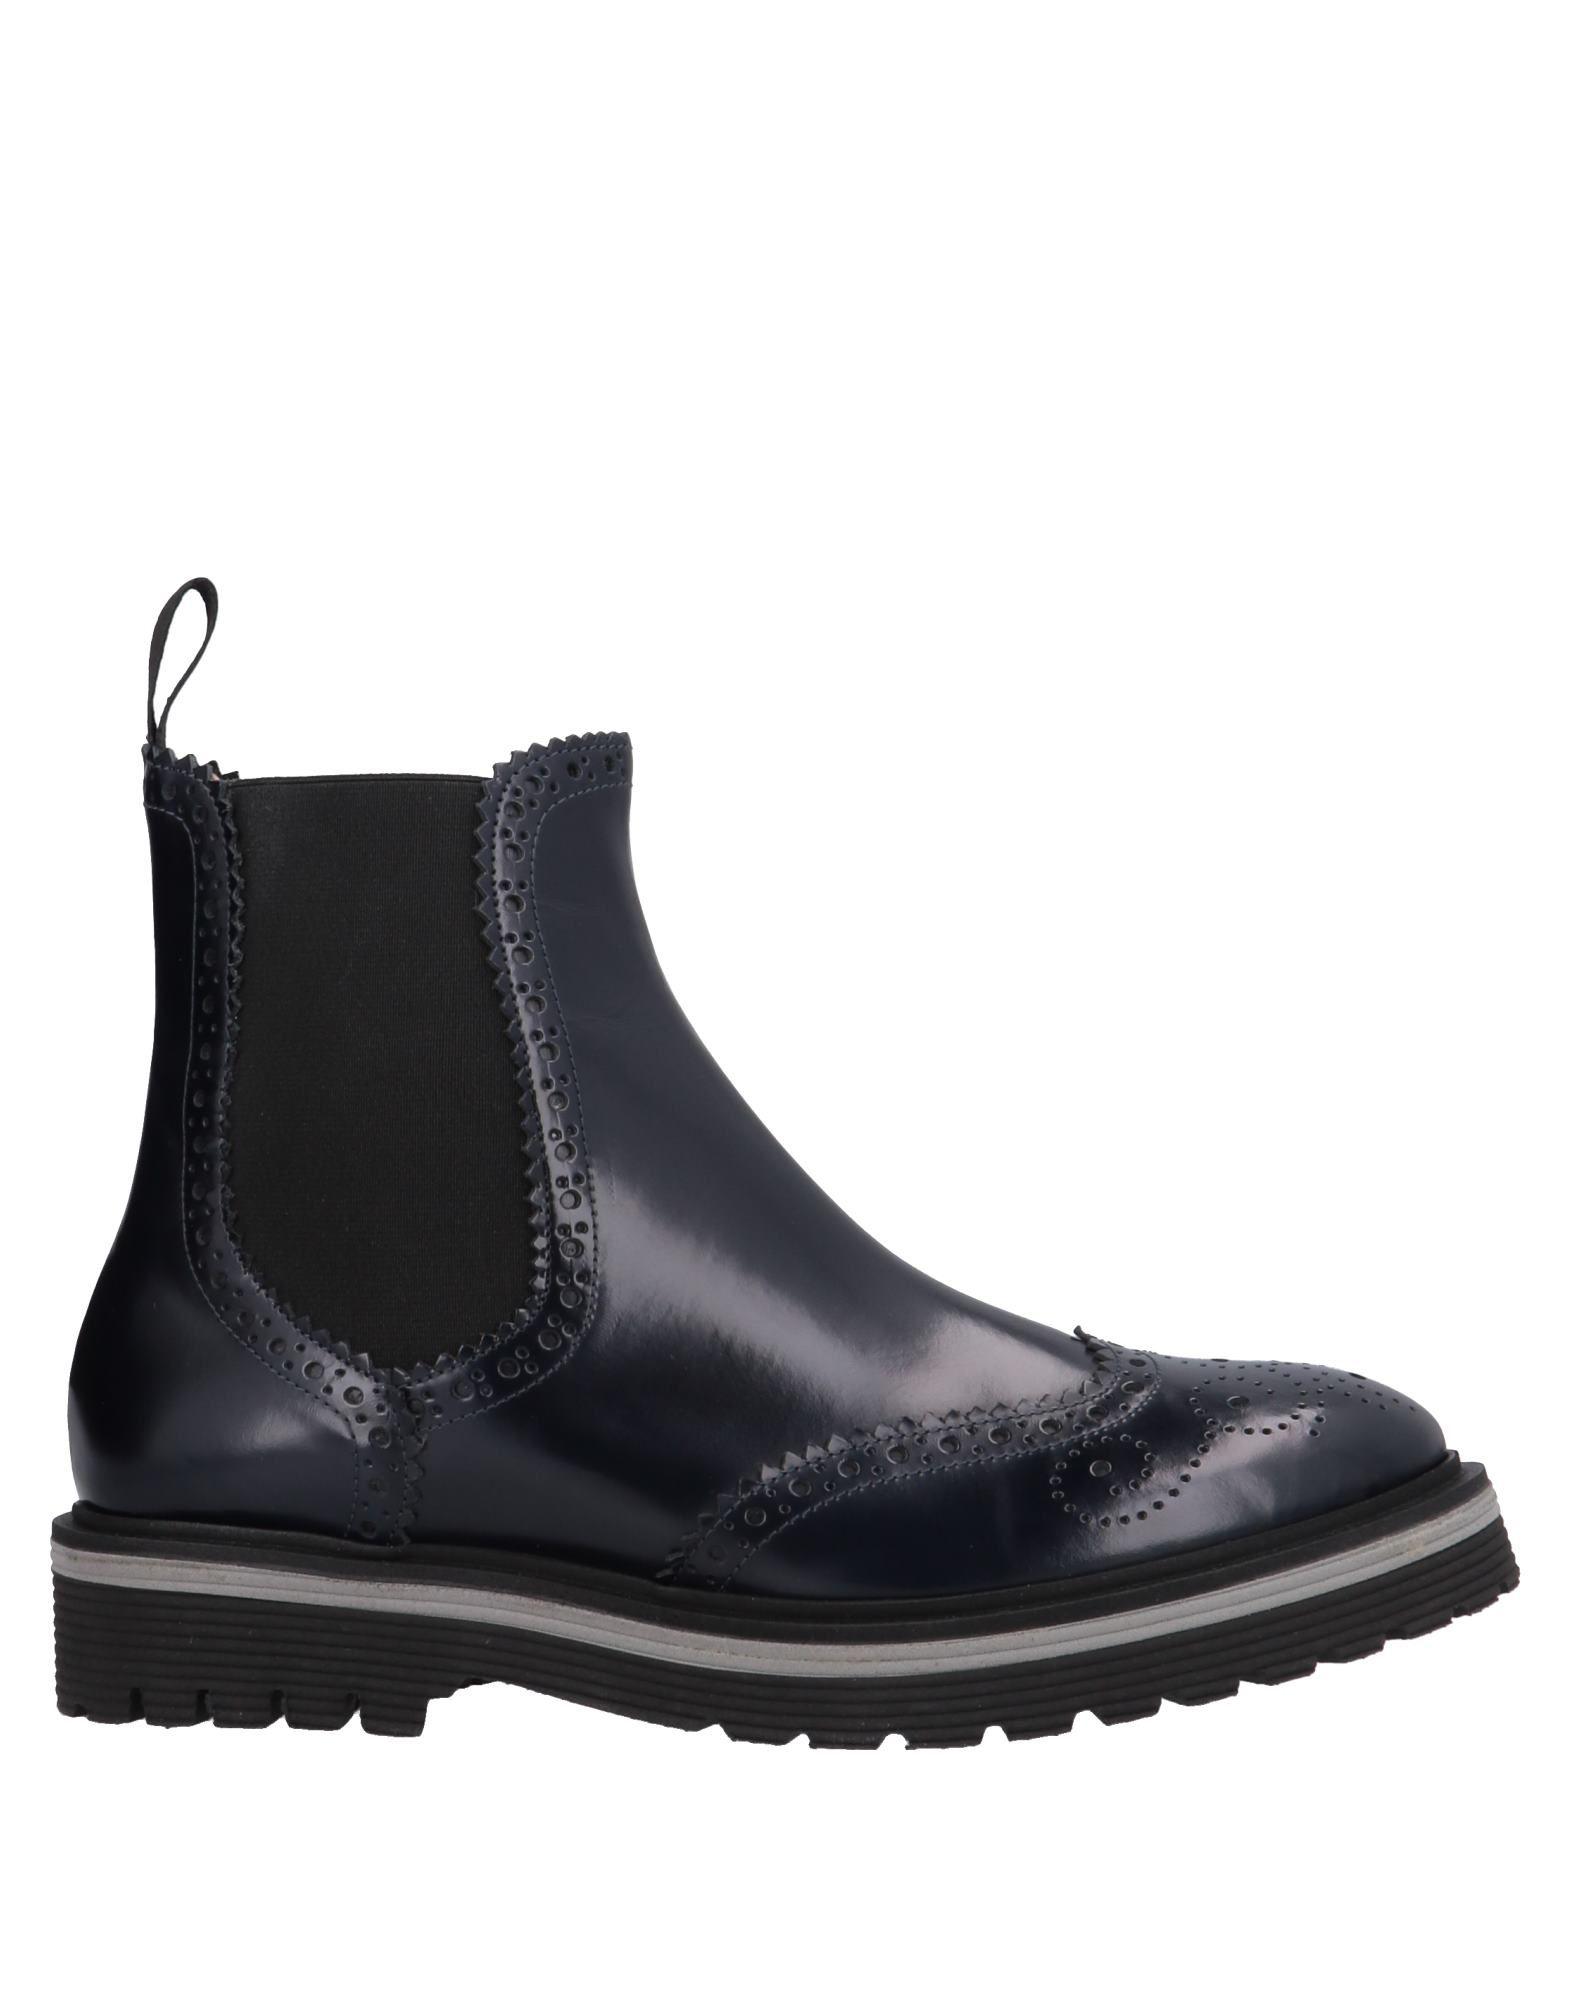 Gut Chelsea um billige Schuhe zu tragenVictoria Wood Chelsea Gut Boots Damen  11547766HC a39d56